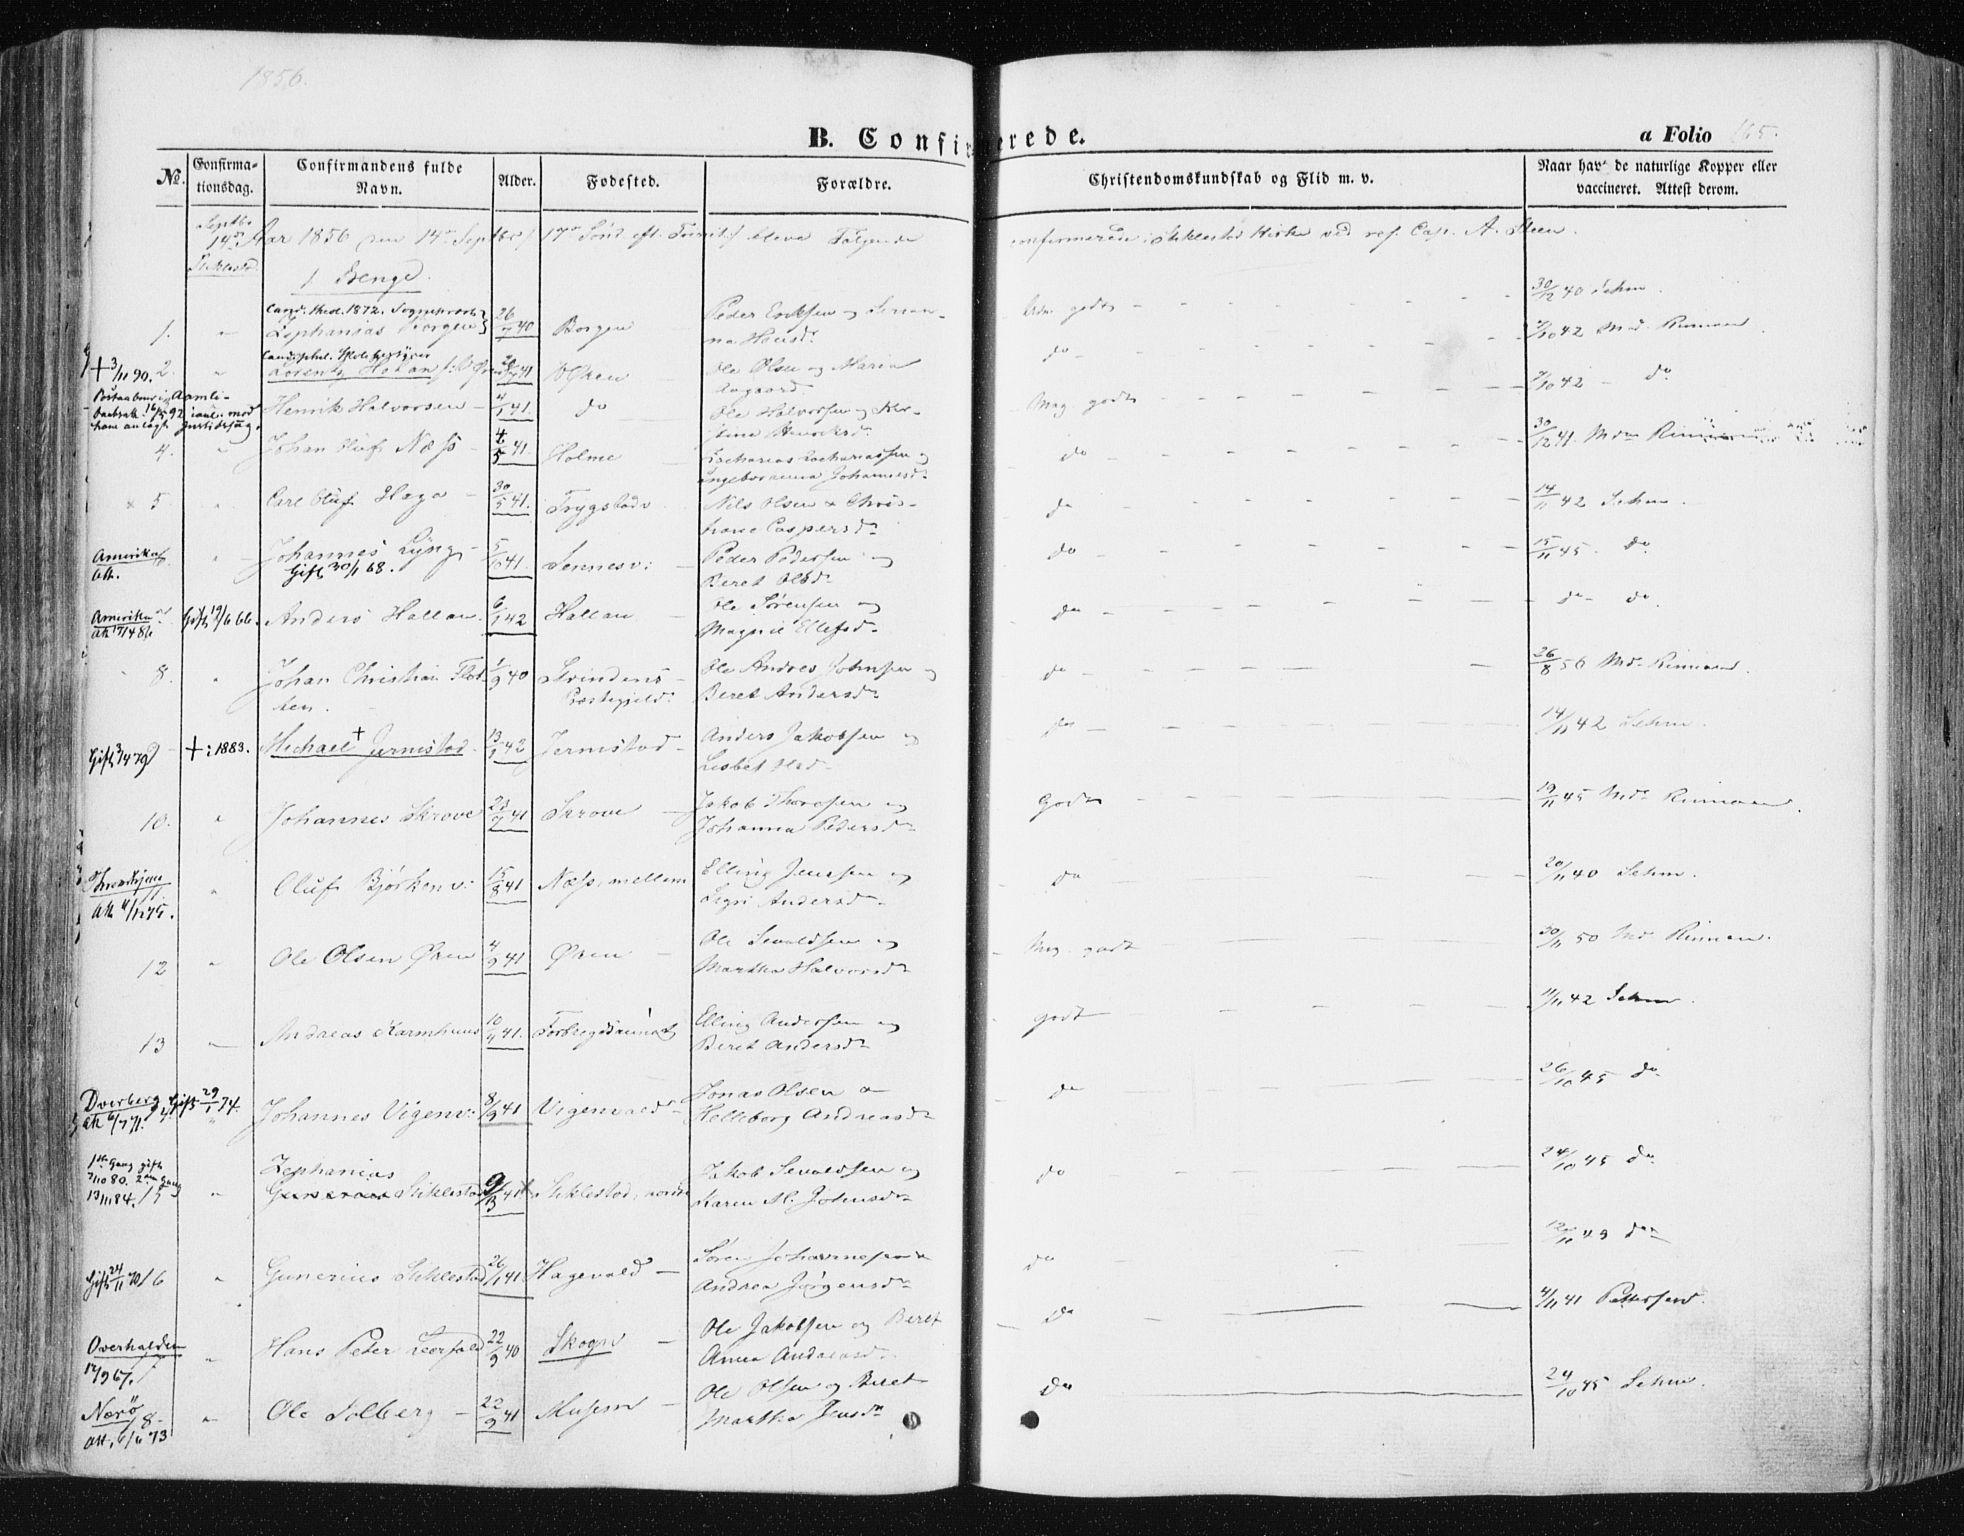 SAT, Ministerialprotokoller, klokkerbøker og fødselsregistre - Nord-Trøndelag, 723/L0240: Ministerialbok nr. 723A09, 1852-1860, s. 165